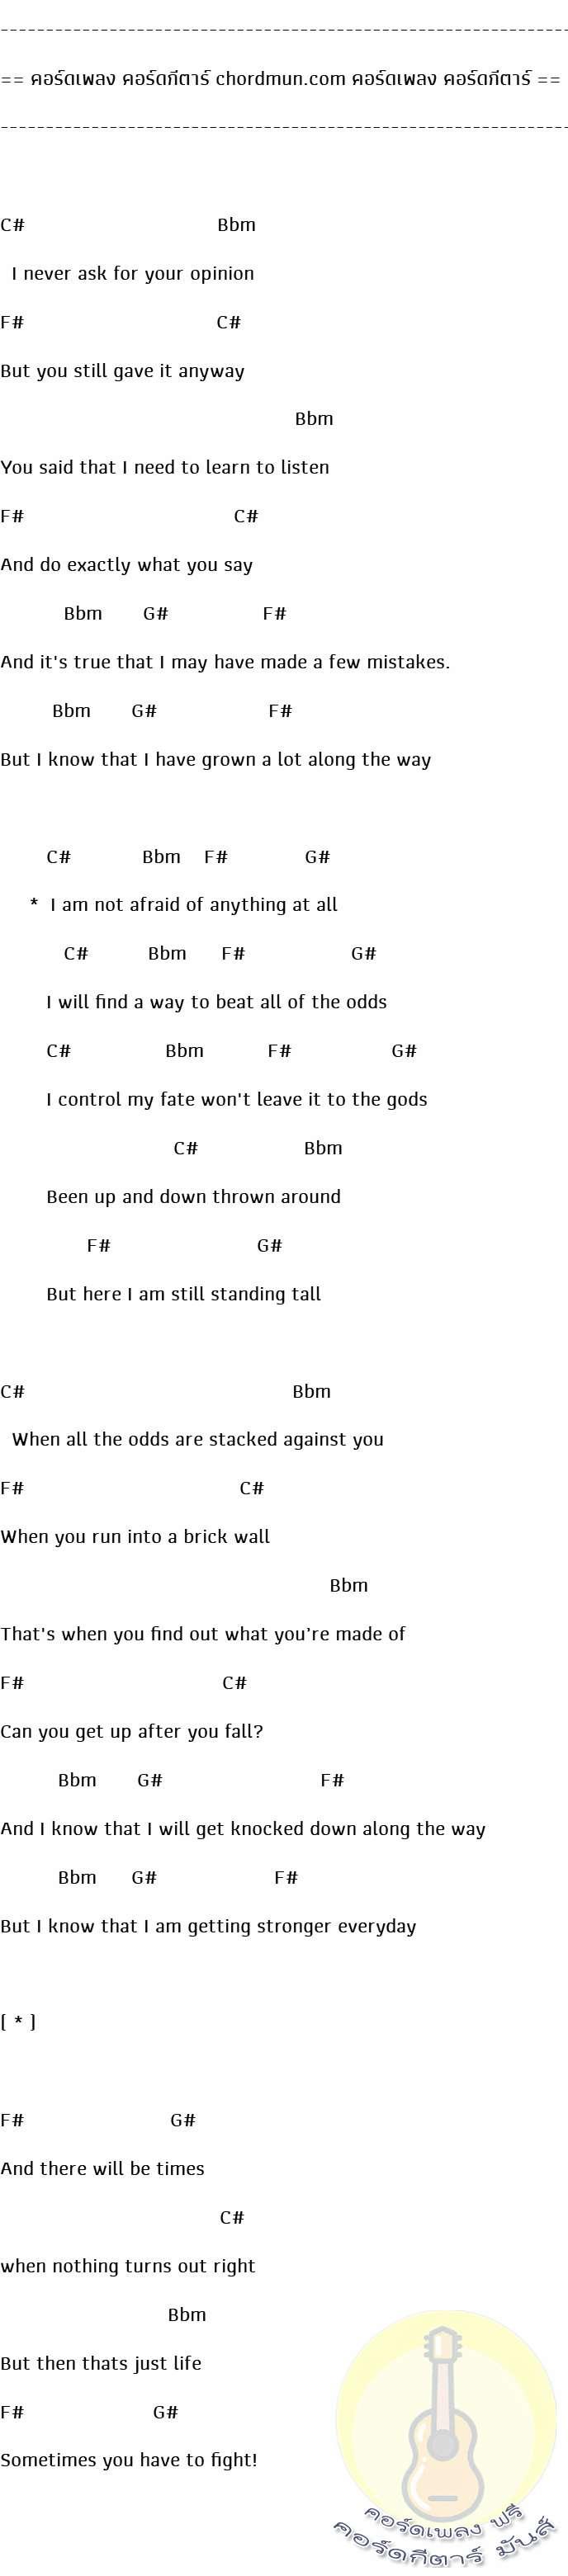 คอร์ดกีต้าร์มือใหม่  เพลง Standing tall